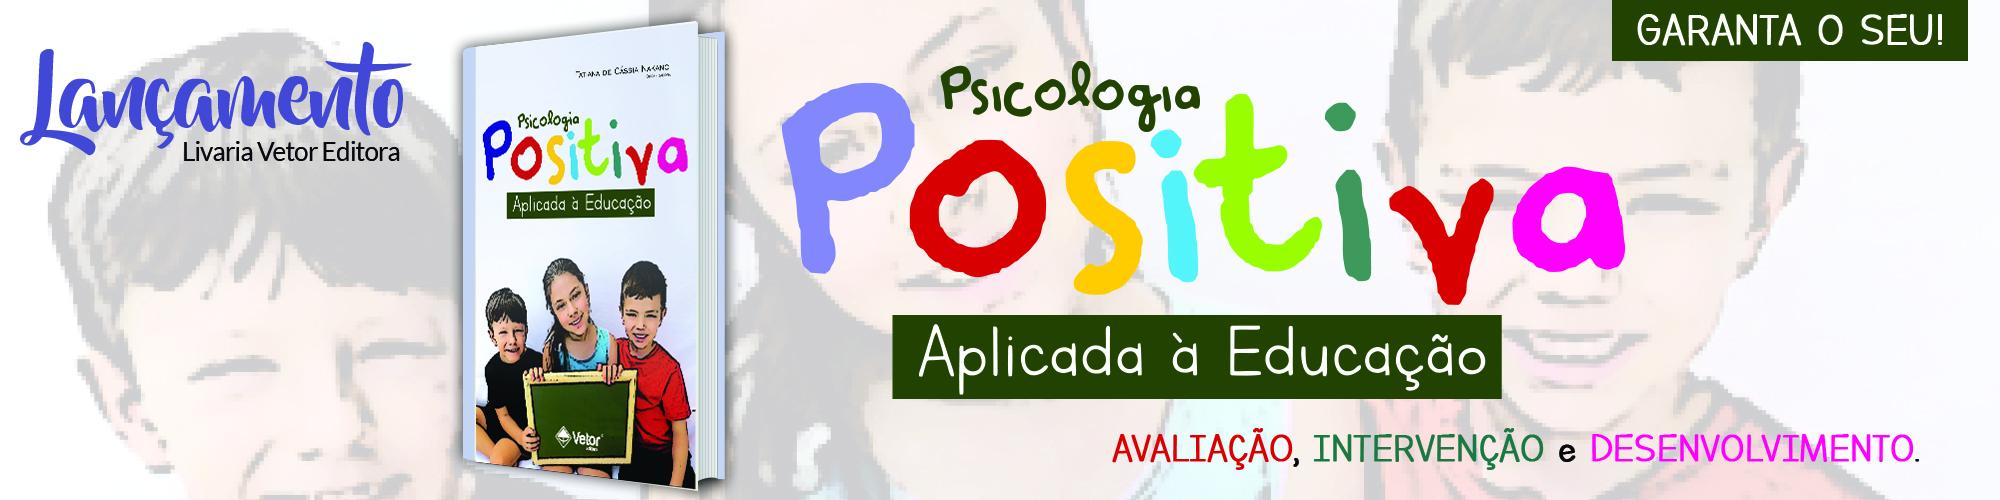 03- psicologia positiva